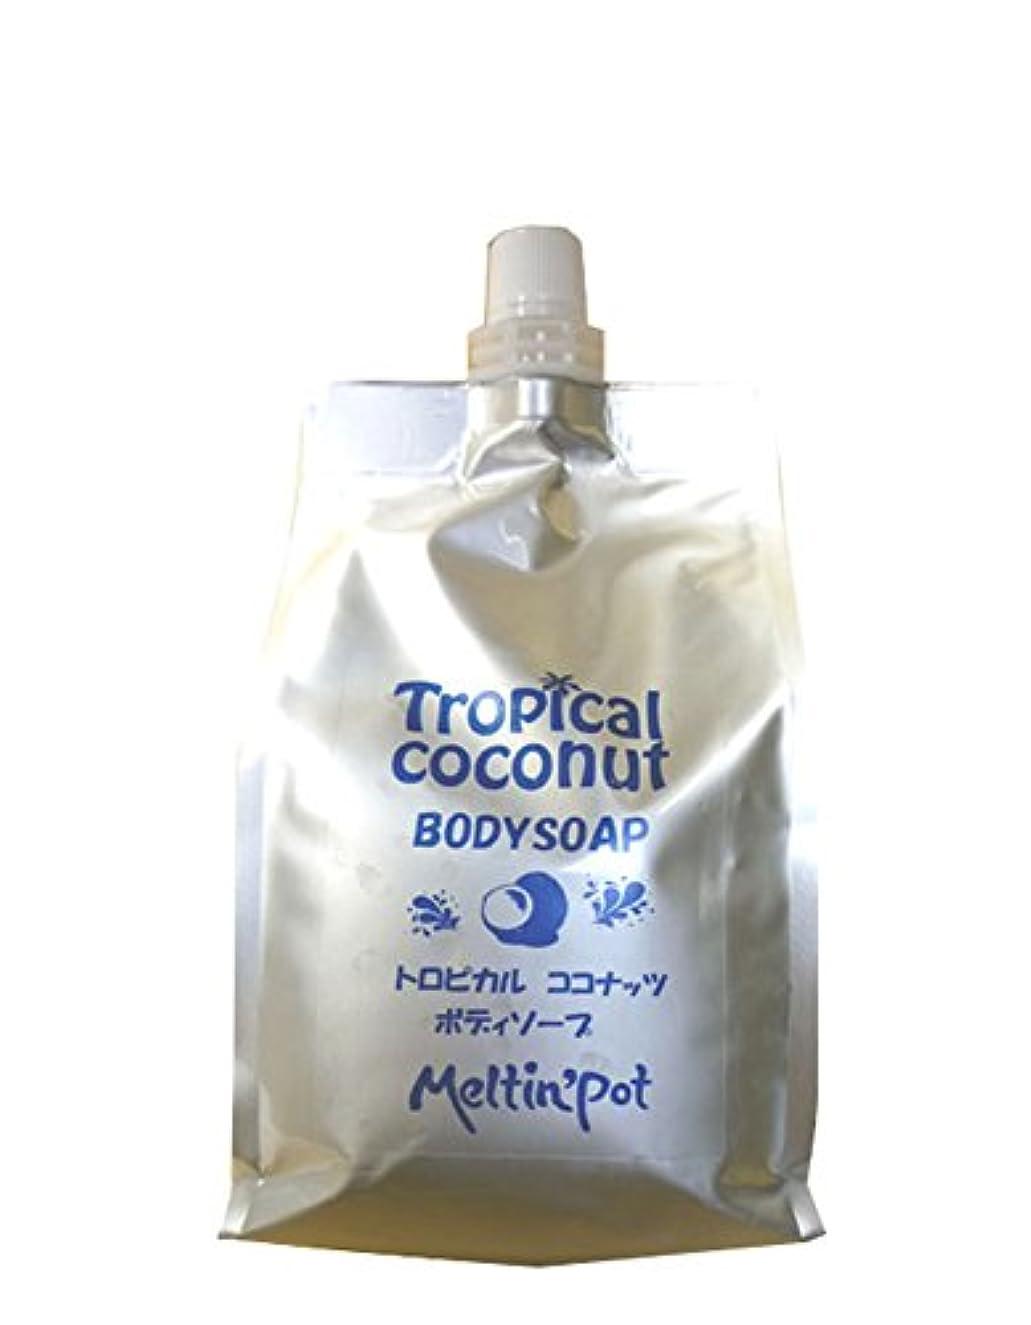 はぁ古代トロピカルココナッツ ボディソープ 1000ml 詰め替え Tropical coconut Body Soap 加齢臭に! [MeltinPot]